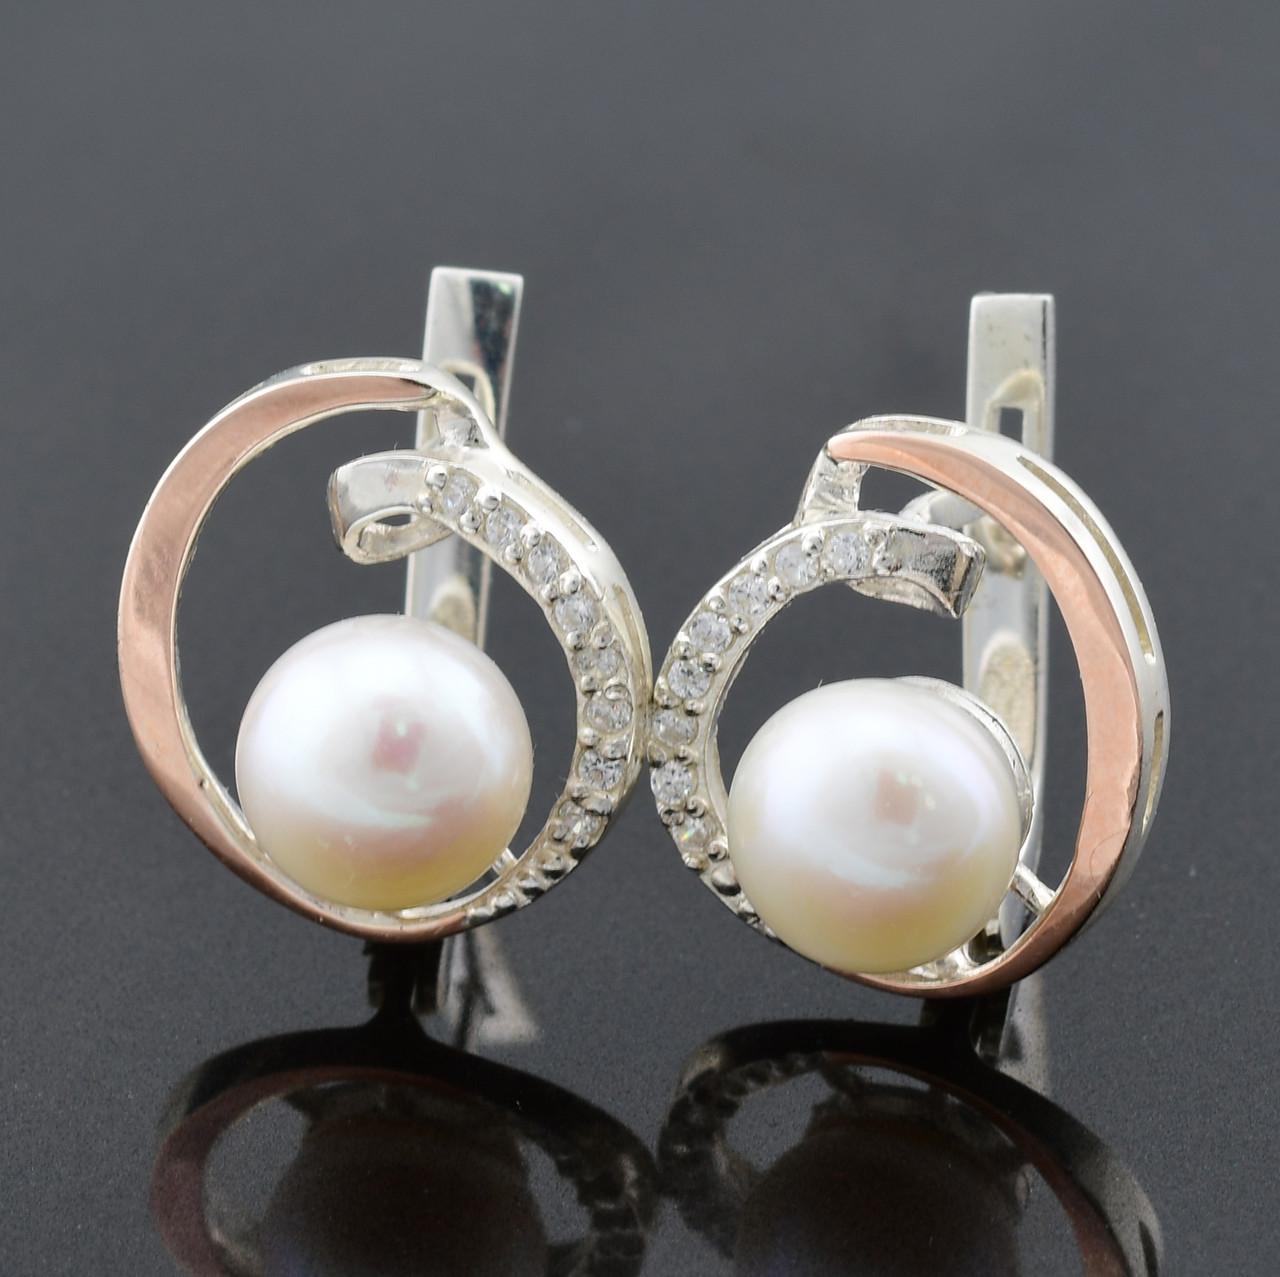 """Серебряные серьги с золотыми пластинами """"Синди"""", размер 18*15 мм, вставка искусственный жемчуг, вес 6.5 г"""